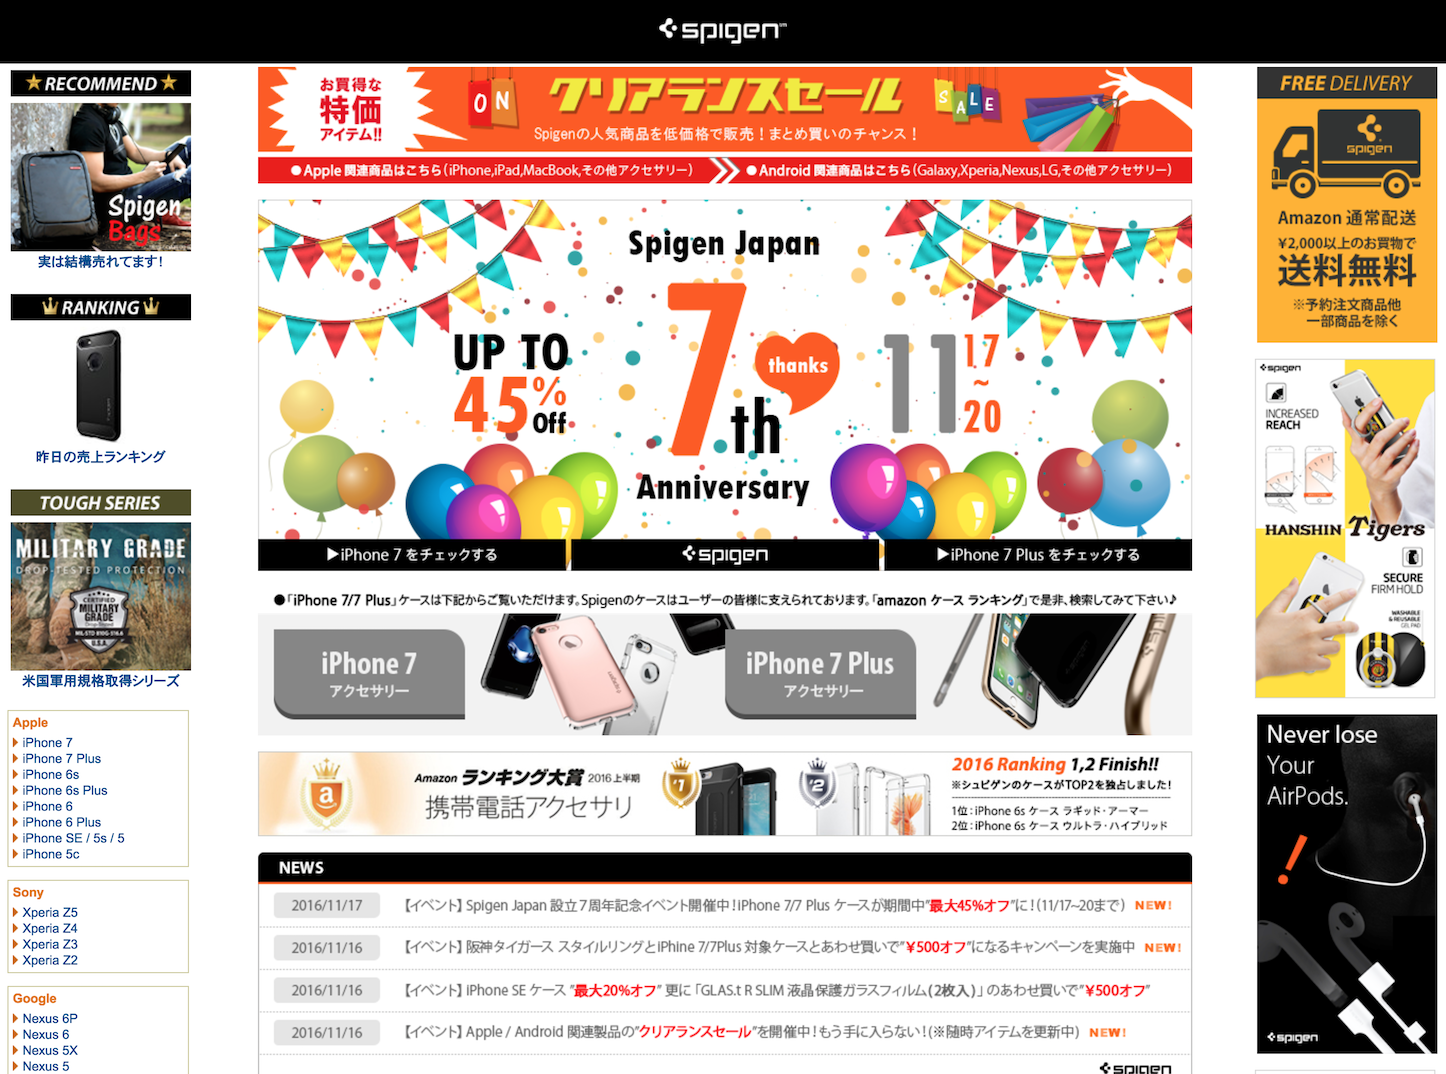 Spigen 7th anniversary sale